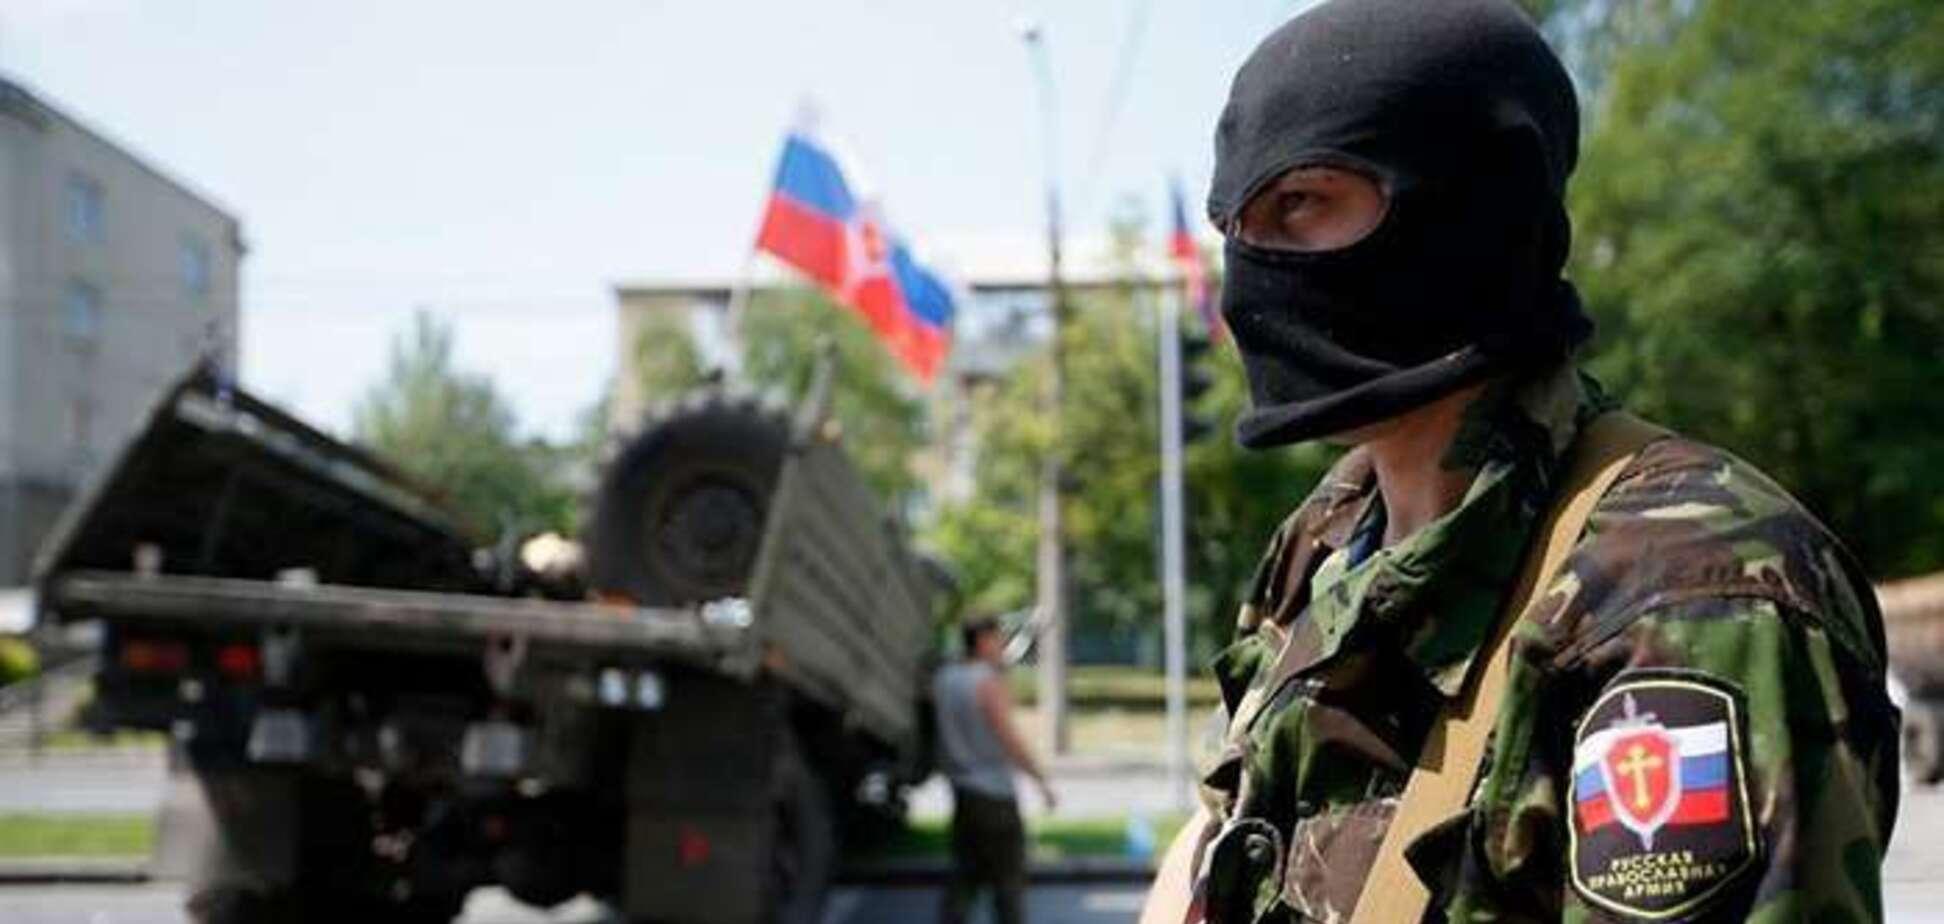 Освобождение пленных: стало известно, кого 'Л/ДНР' готовы передать Украине